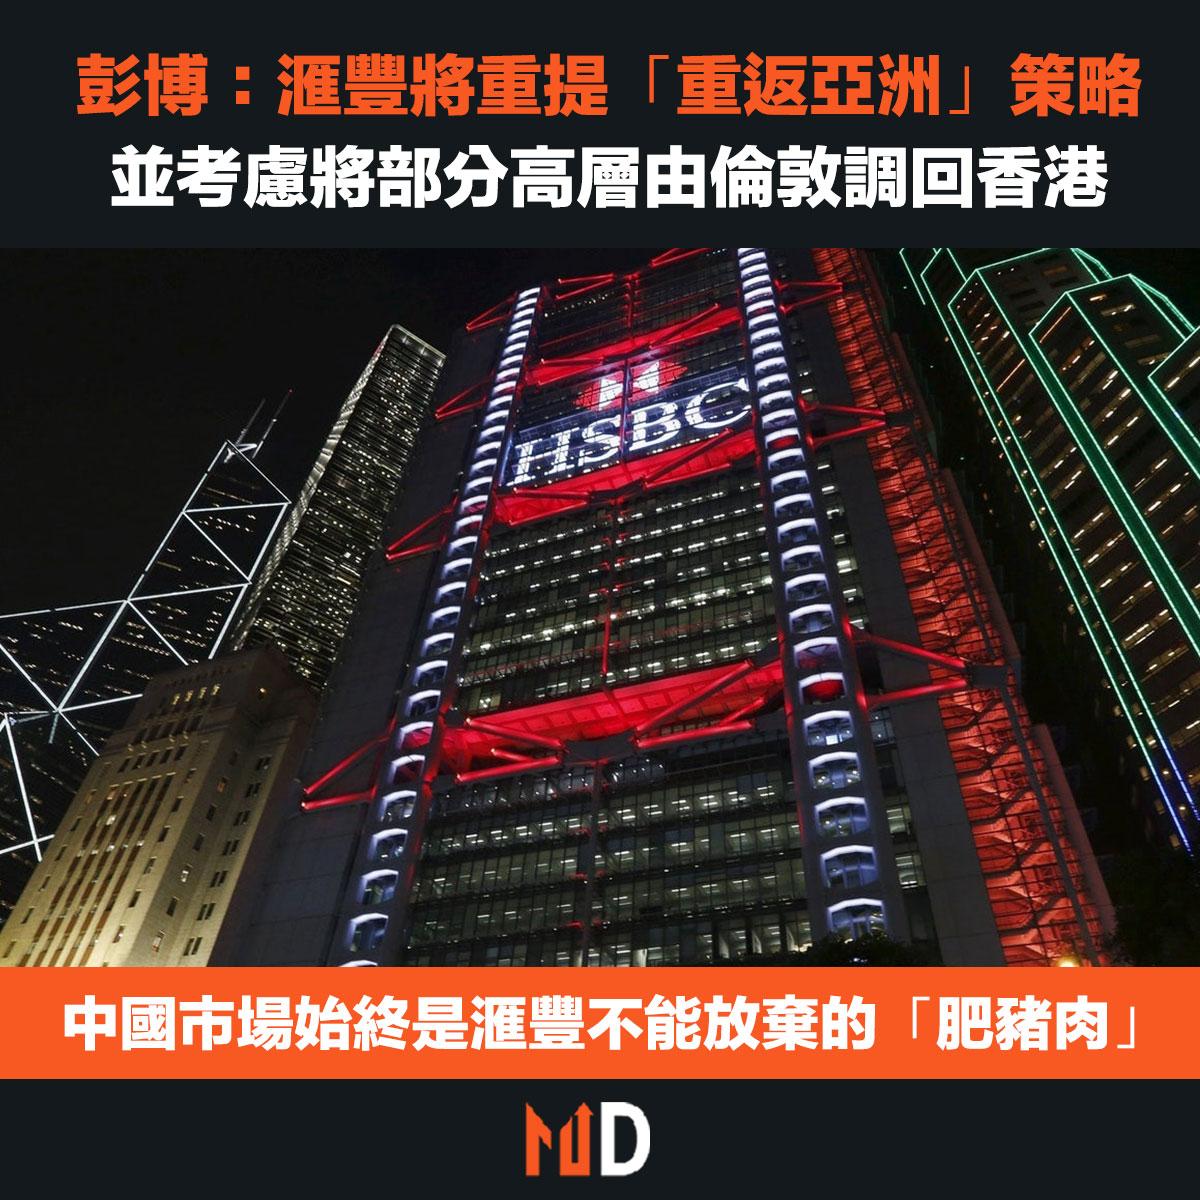 【滙豐重返亞洲】彭博:滙豐將重提「重返亞洲」策略定位,並考慮將部分高層由倫敦調回香港